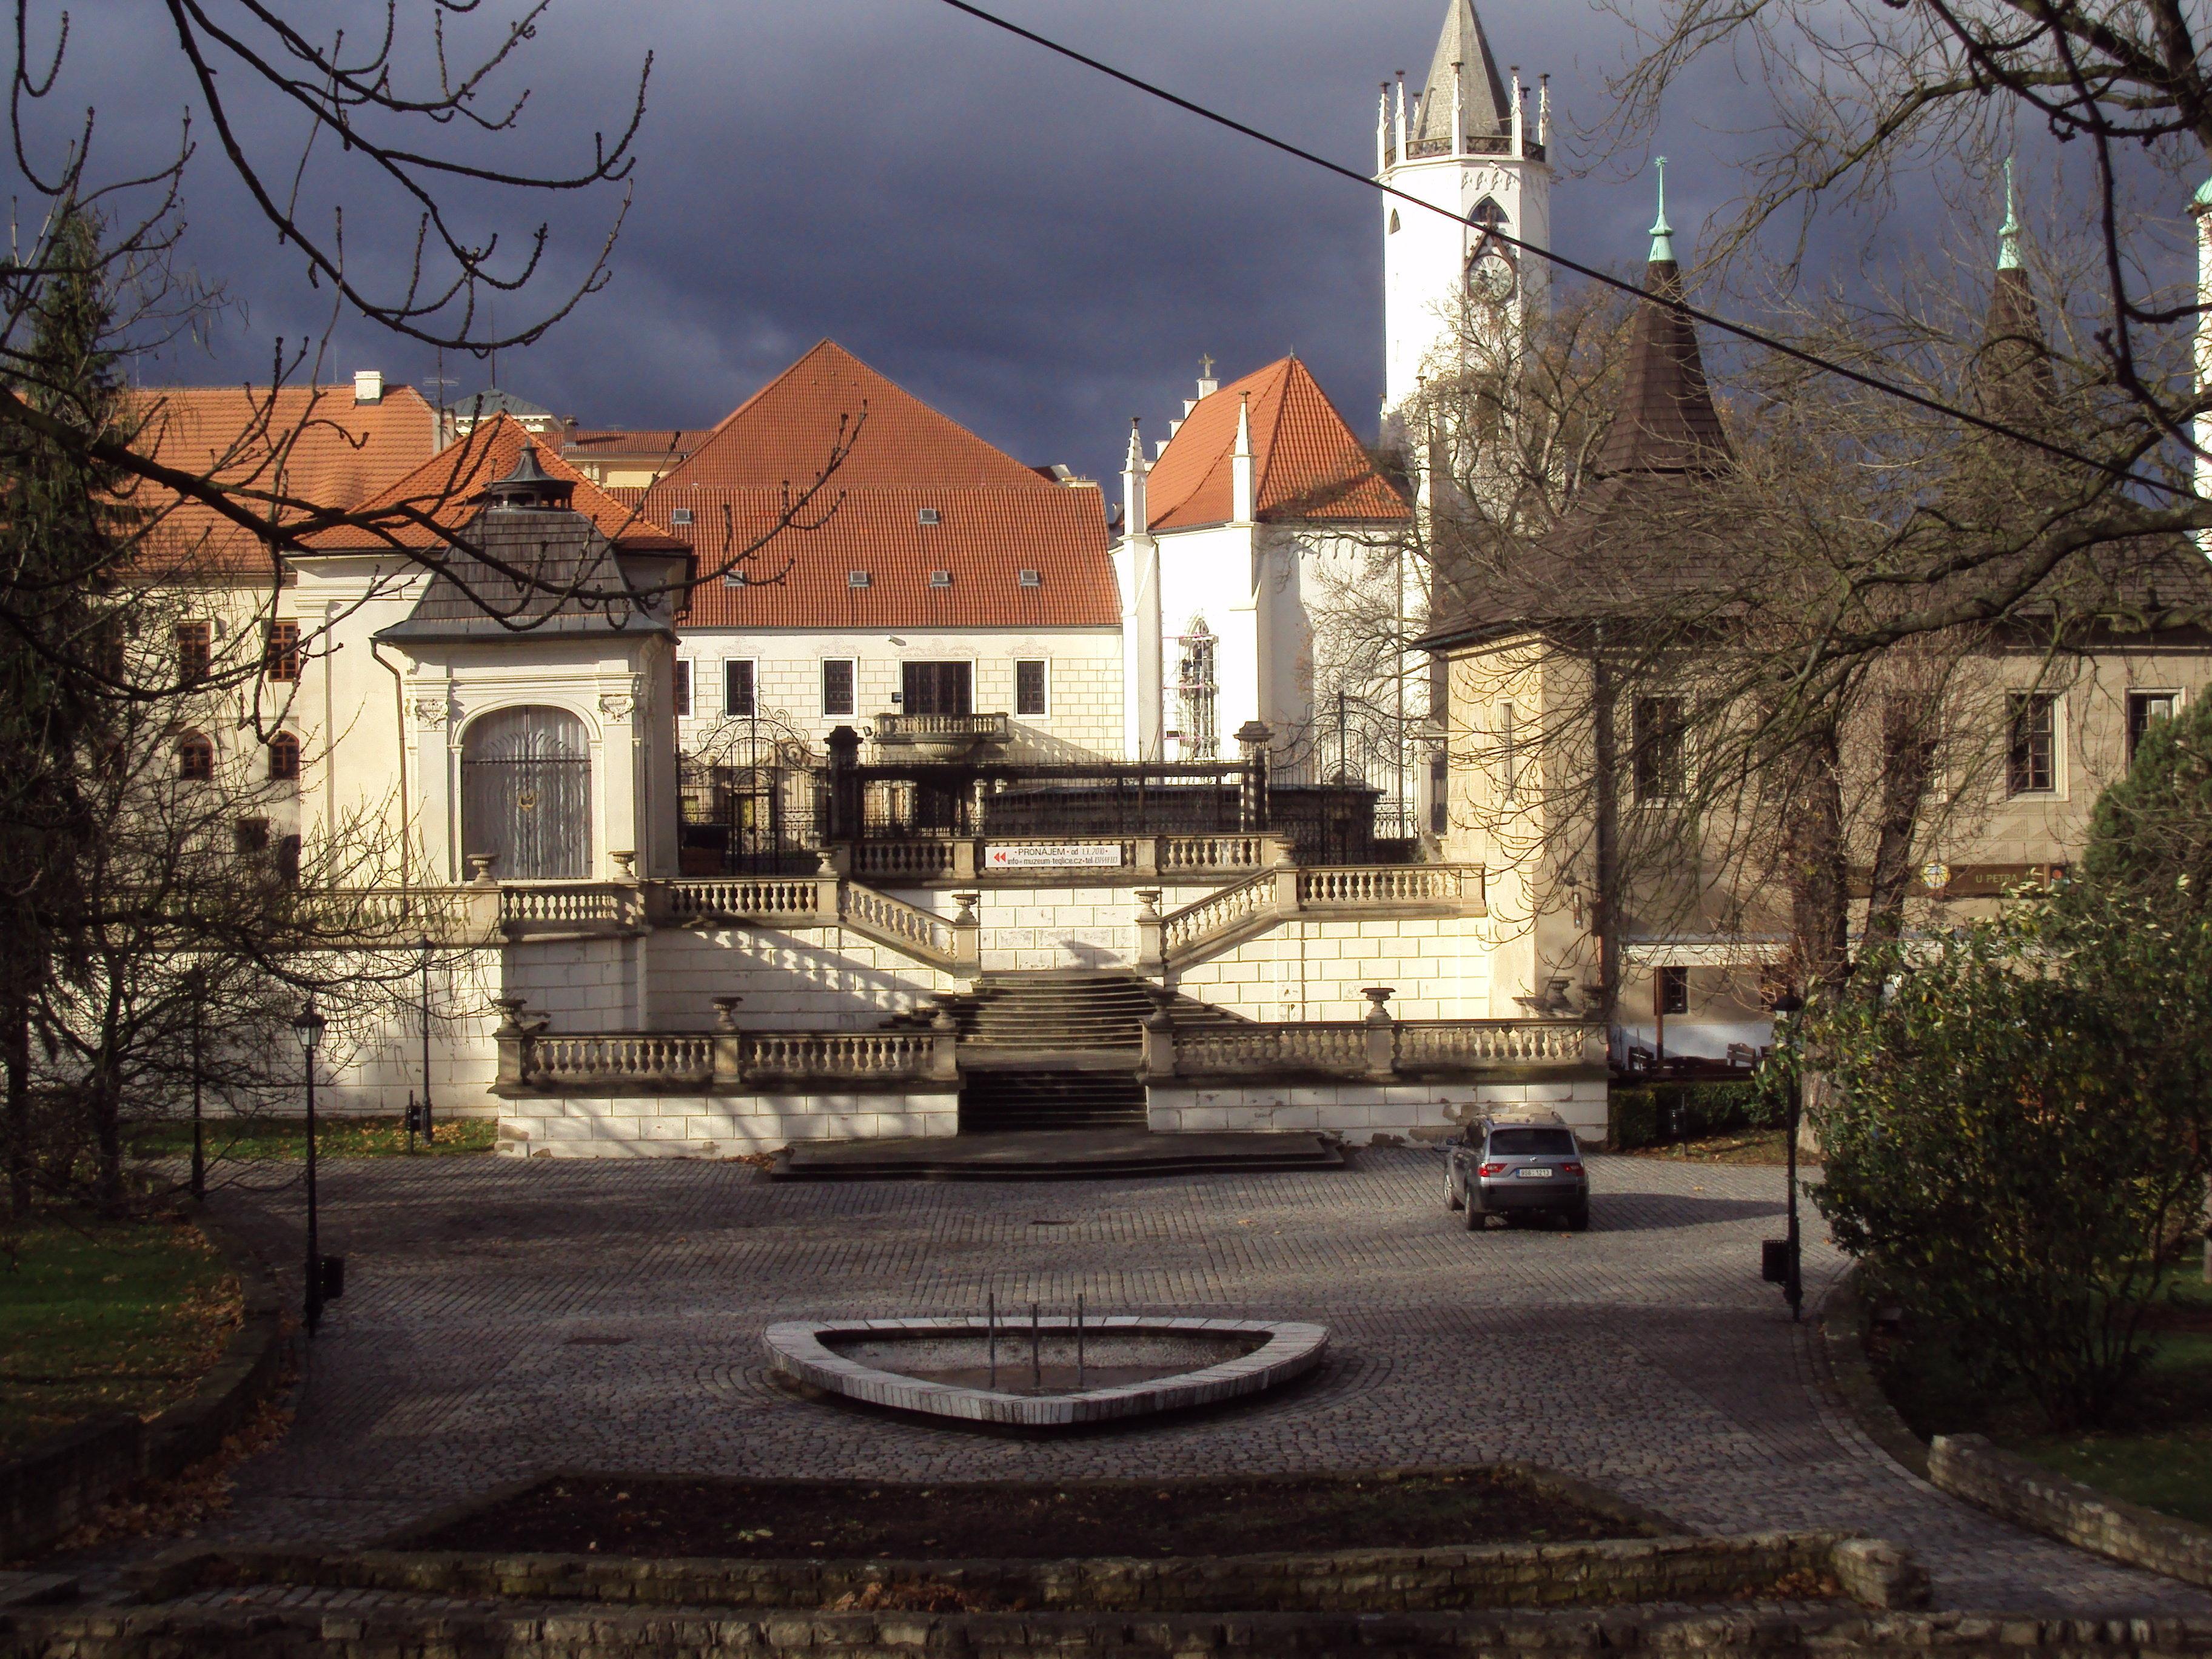 Достопримечательности города Теплице, Чехия